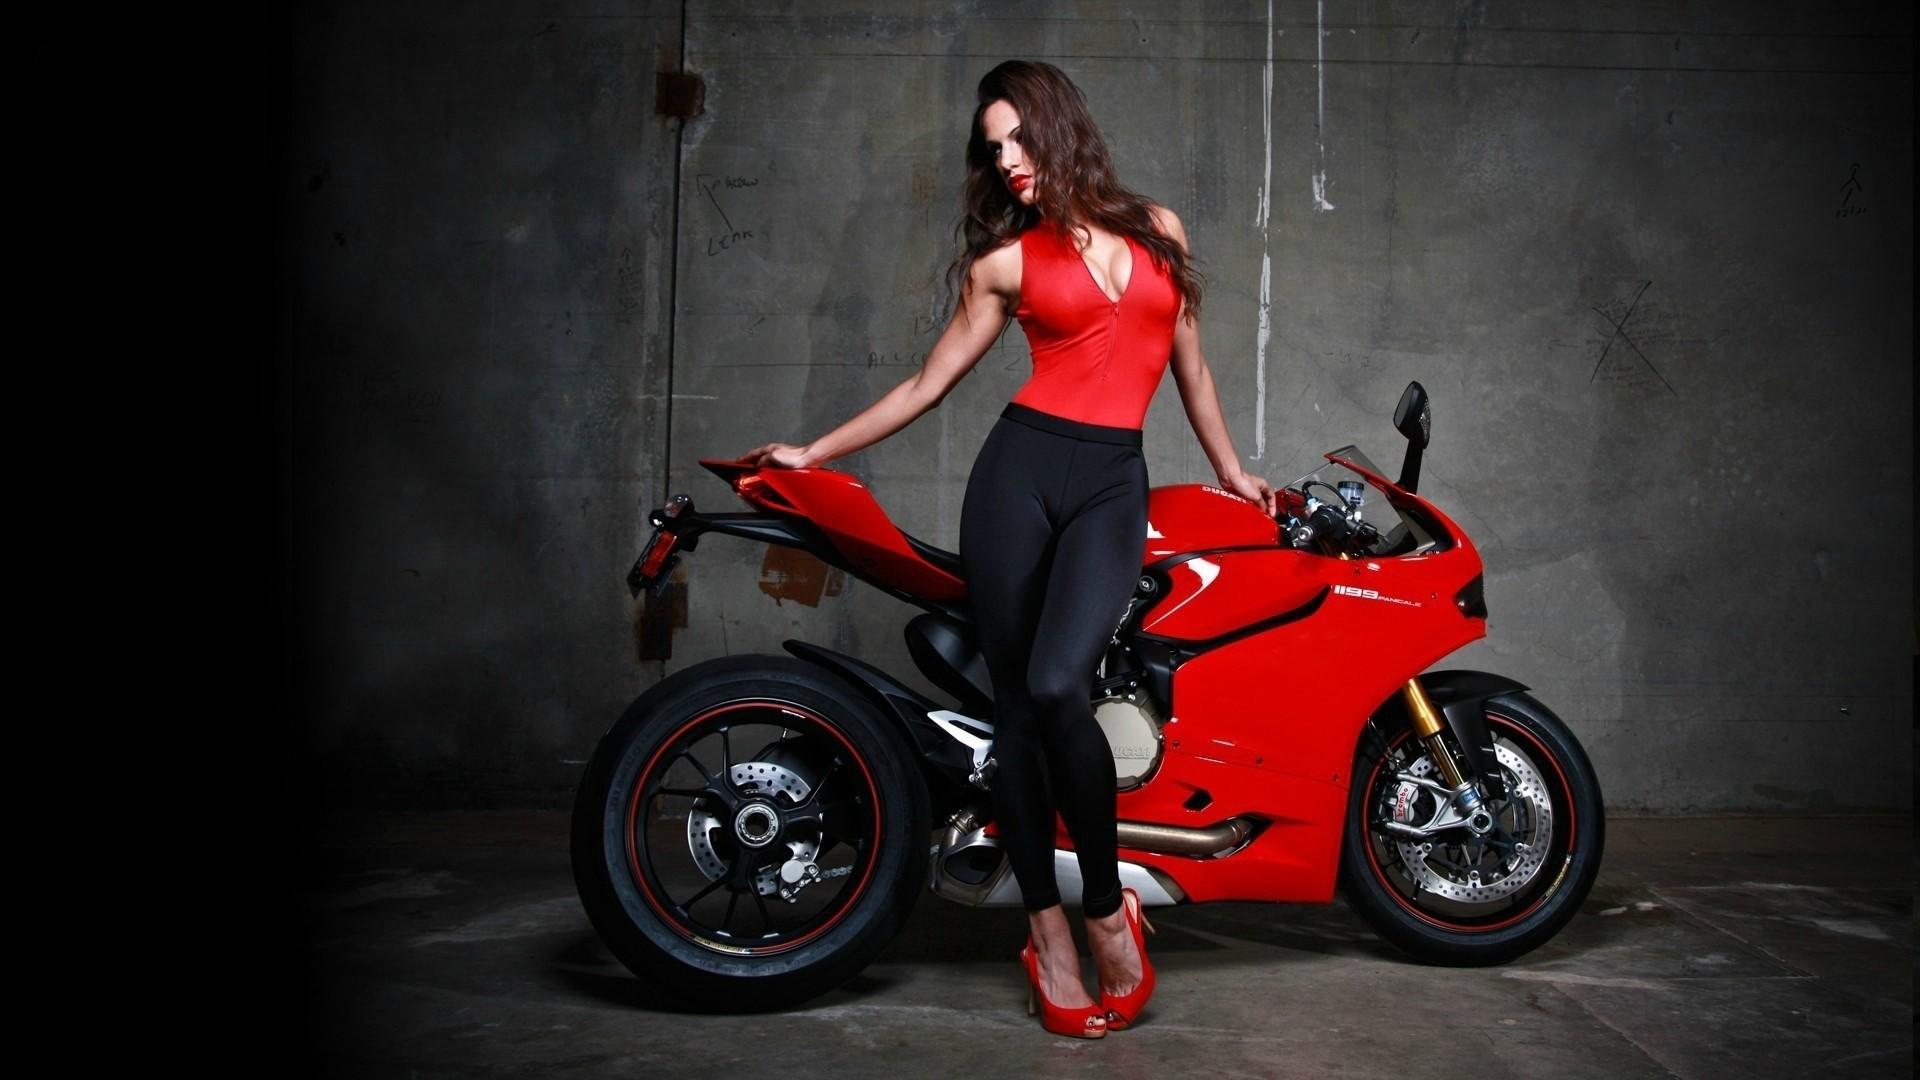 2017-03-09 – girls and motorcycles wallpaper desktop nexus wallpaper,  #1684991